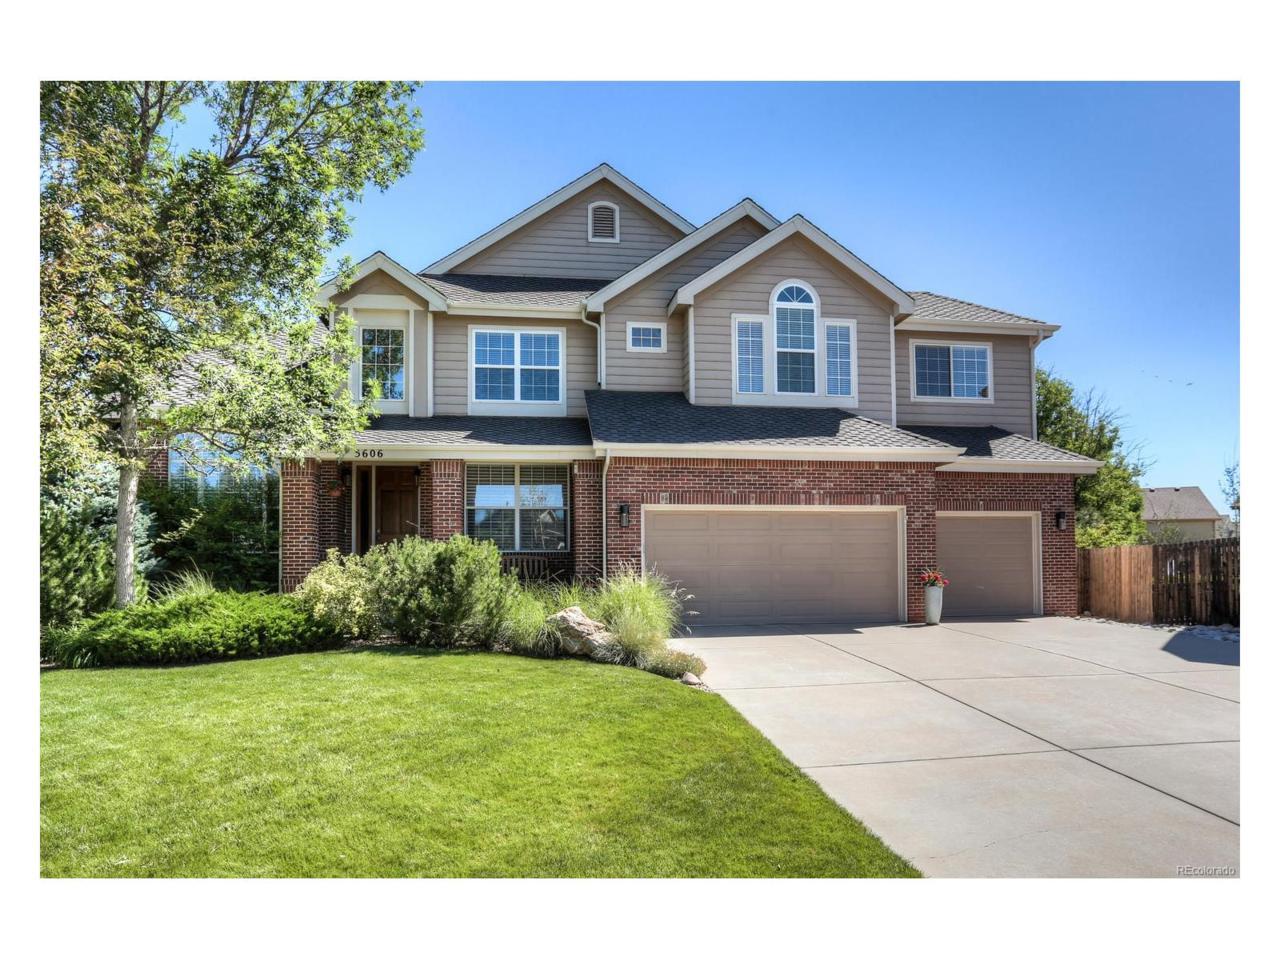 5606 S Waco Court, Centennial, CO 80015 (MLS #1754767) :: 8z Real Estate